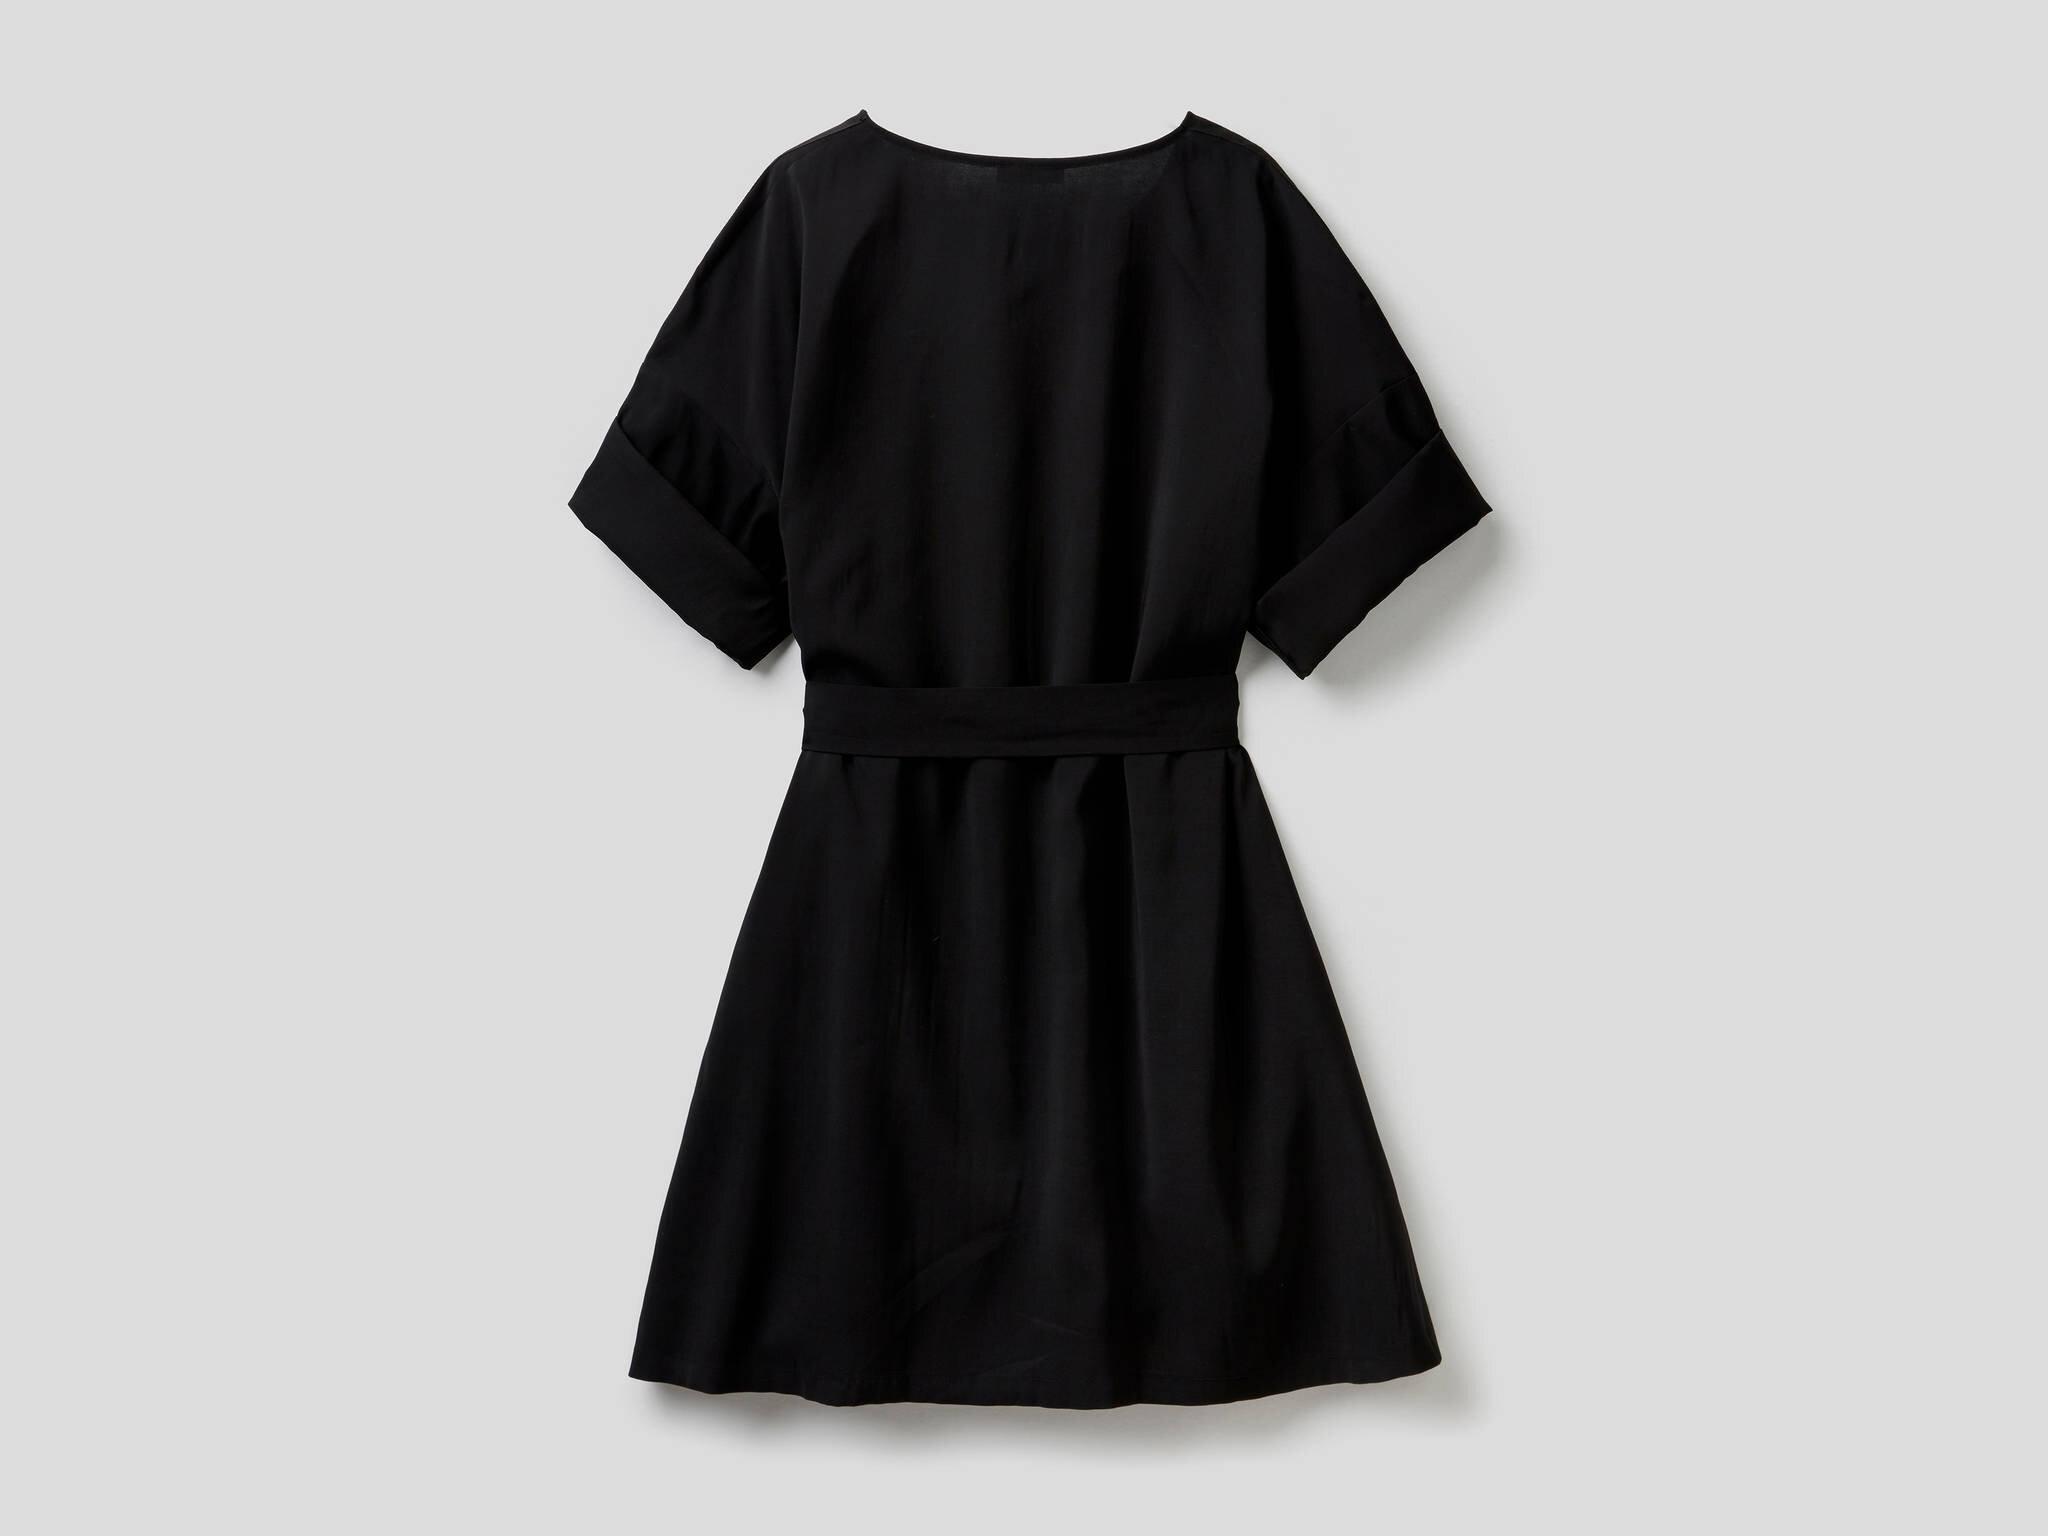 Beli Bağcıklı Geniş Yaka Elbise